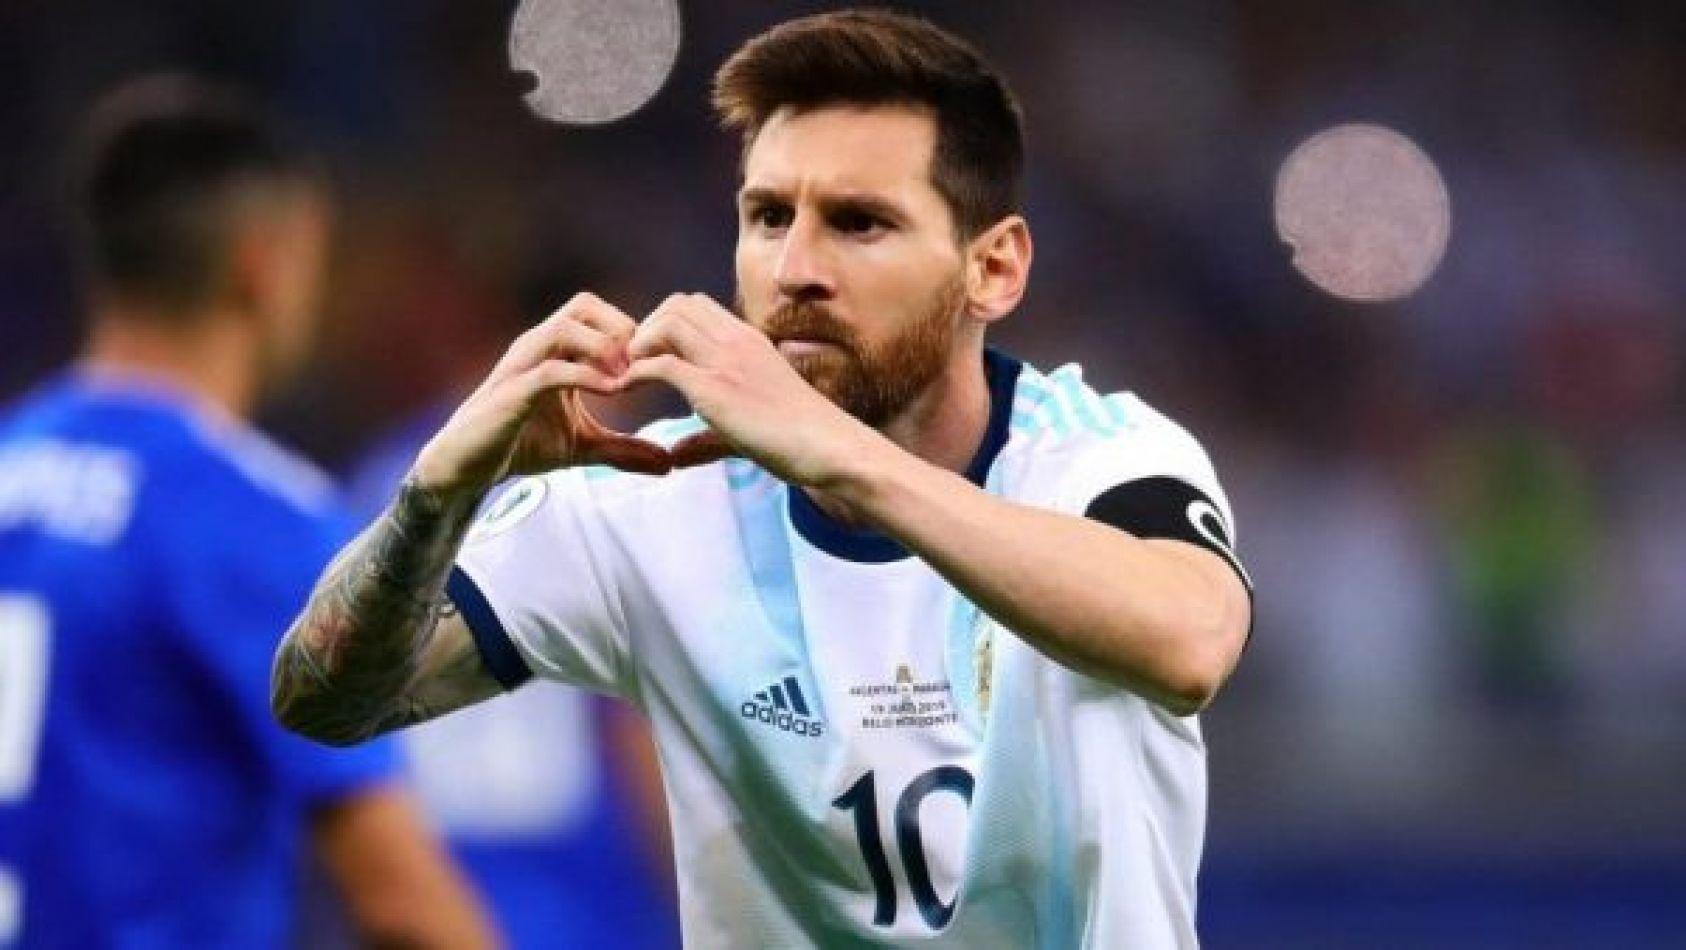 La FIFA le puso fecha al próximo Mundial y Messi llegará con más de 35 años